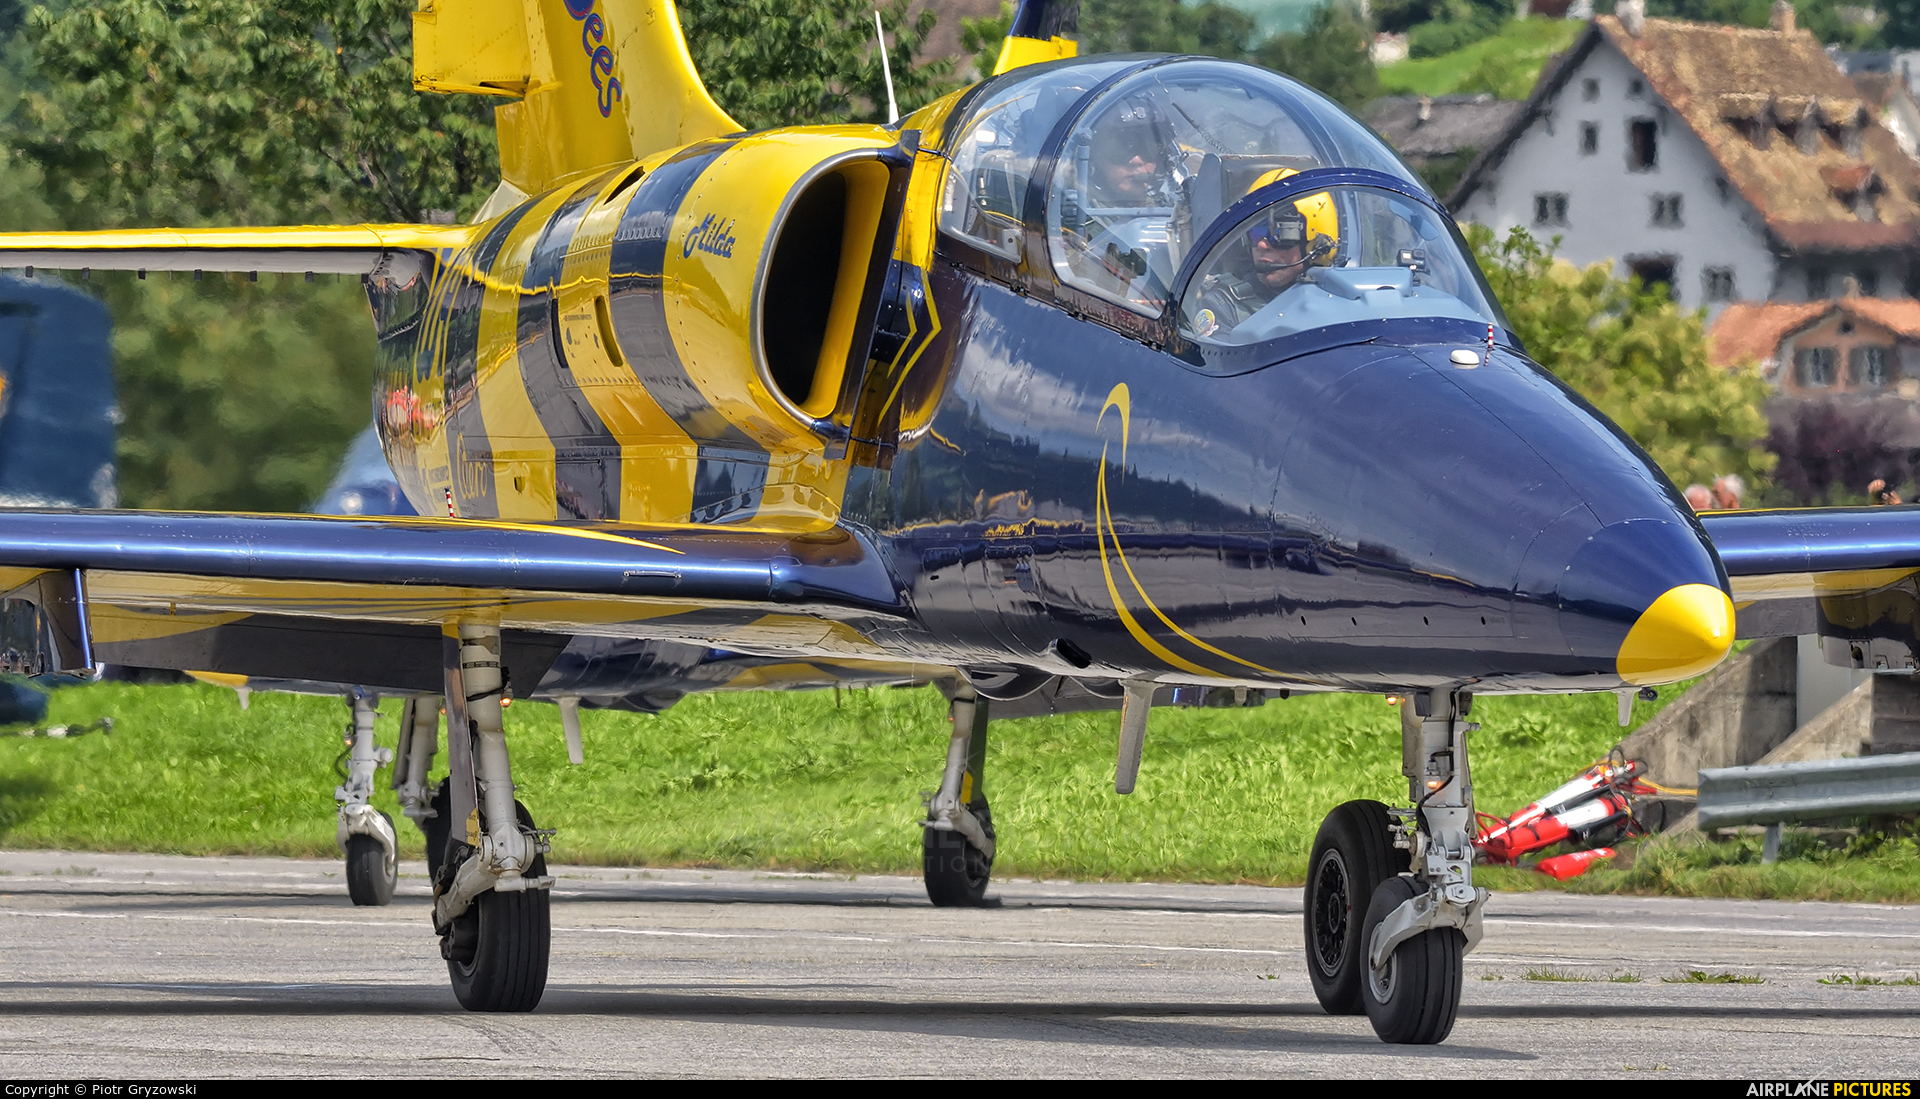 Baltic Bees Jet Team YL-KSM aircraft at Mollis